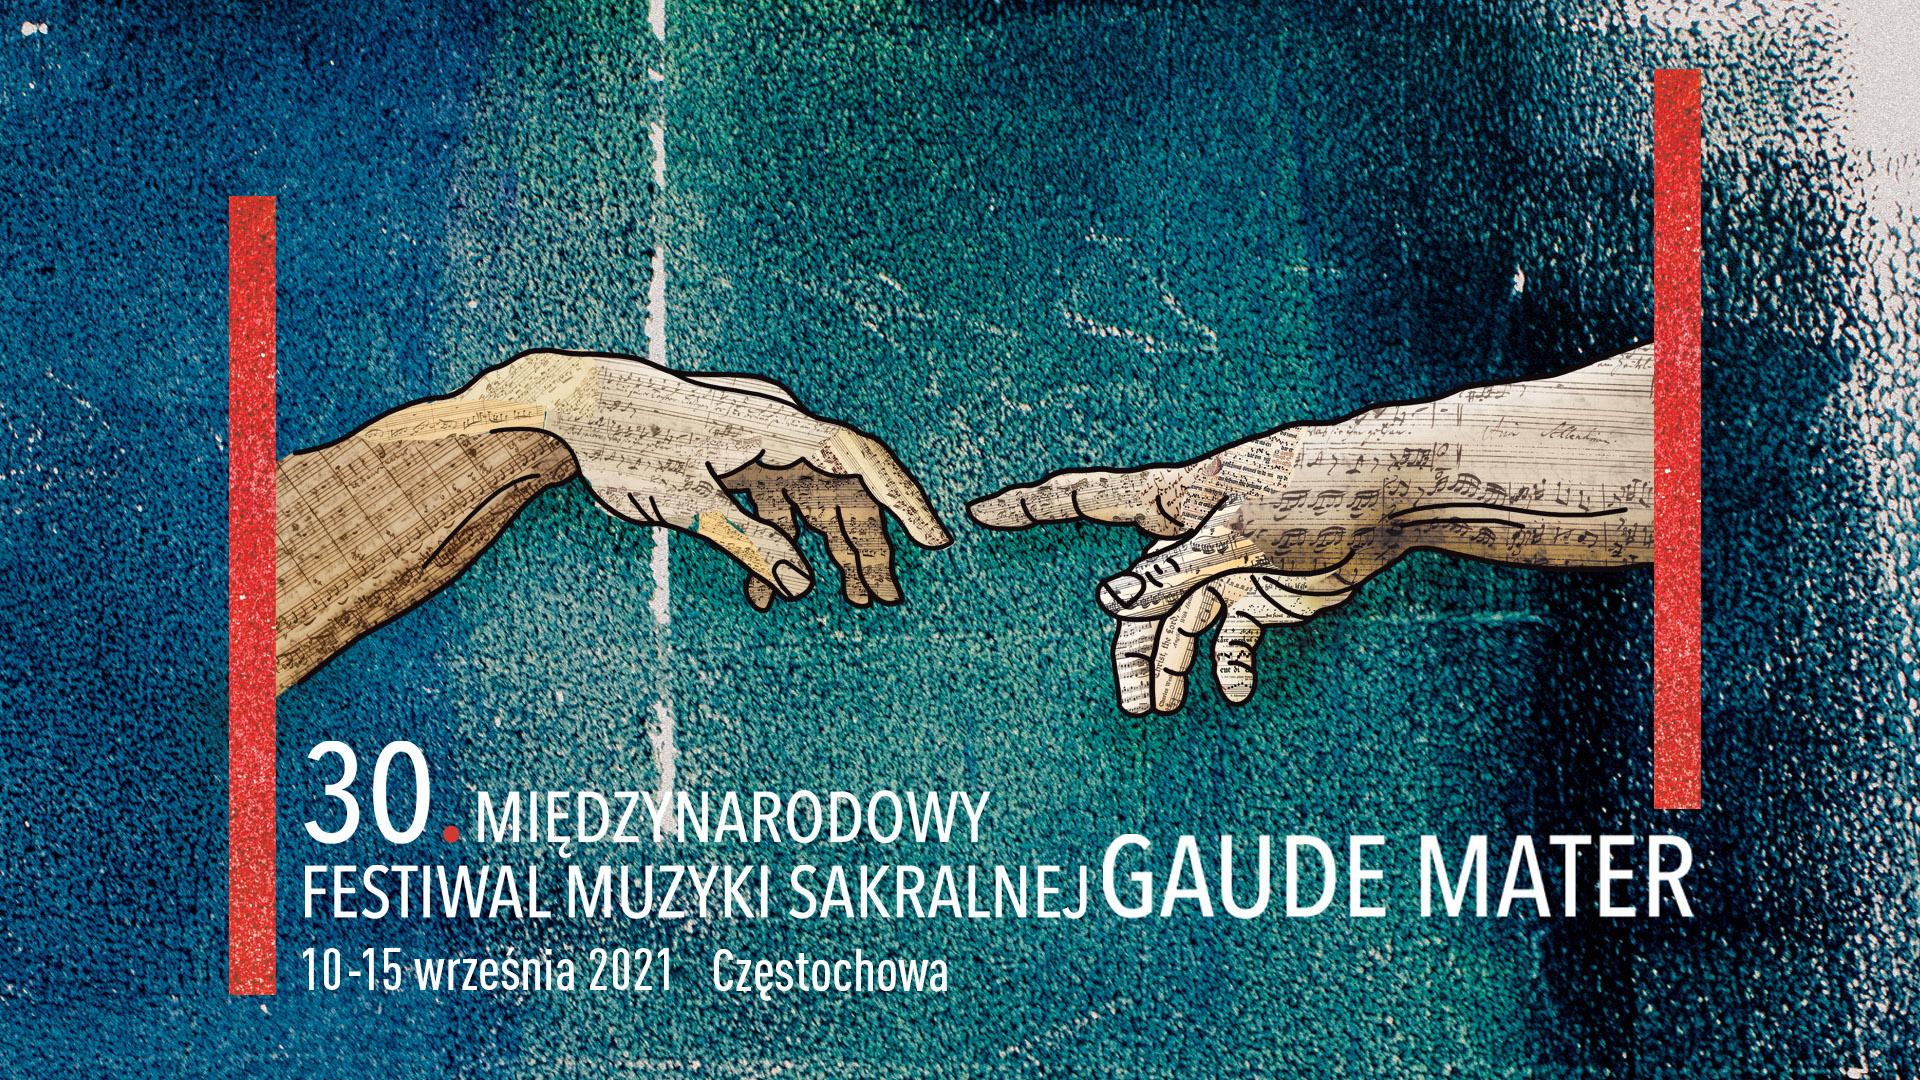 30. Międzynarodowy Festiwal Muzyki Sakralnej Gaude Mater 2021